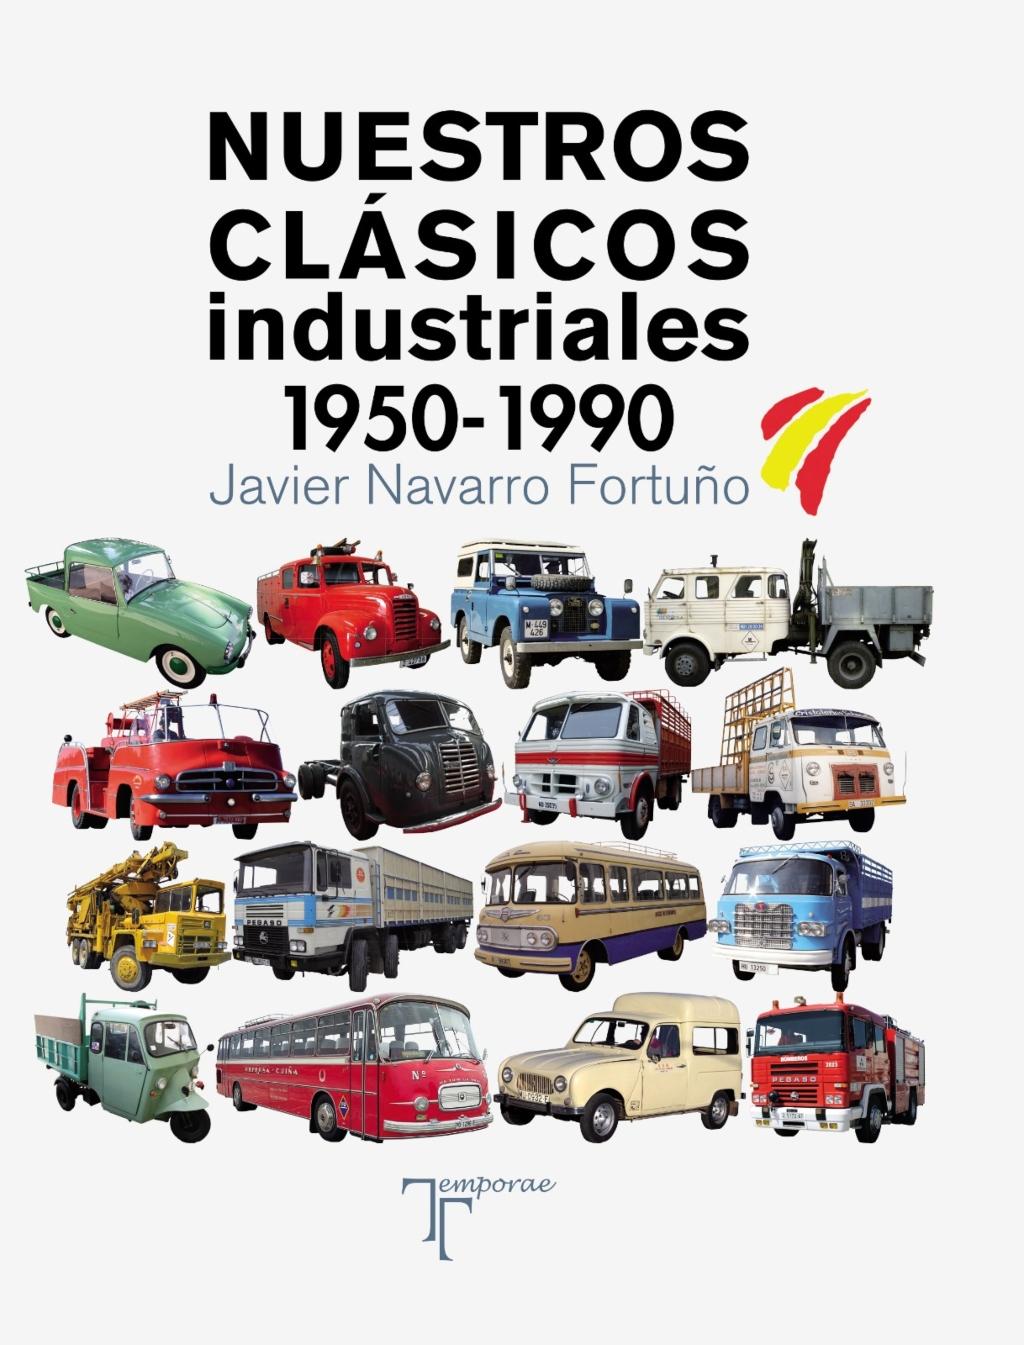 Nuestros Clásicos Industriales